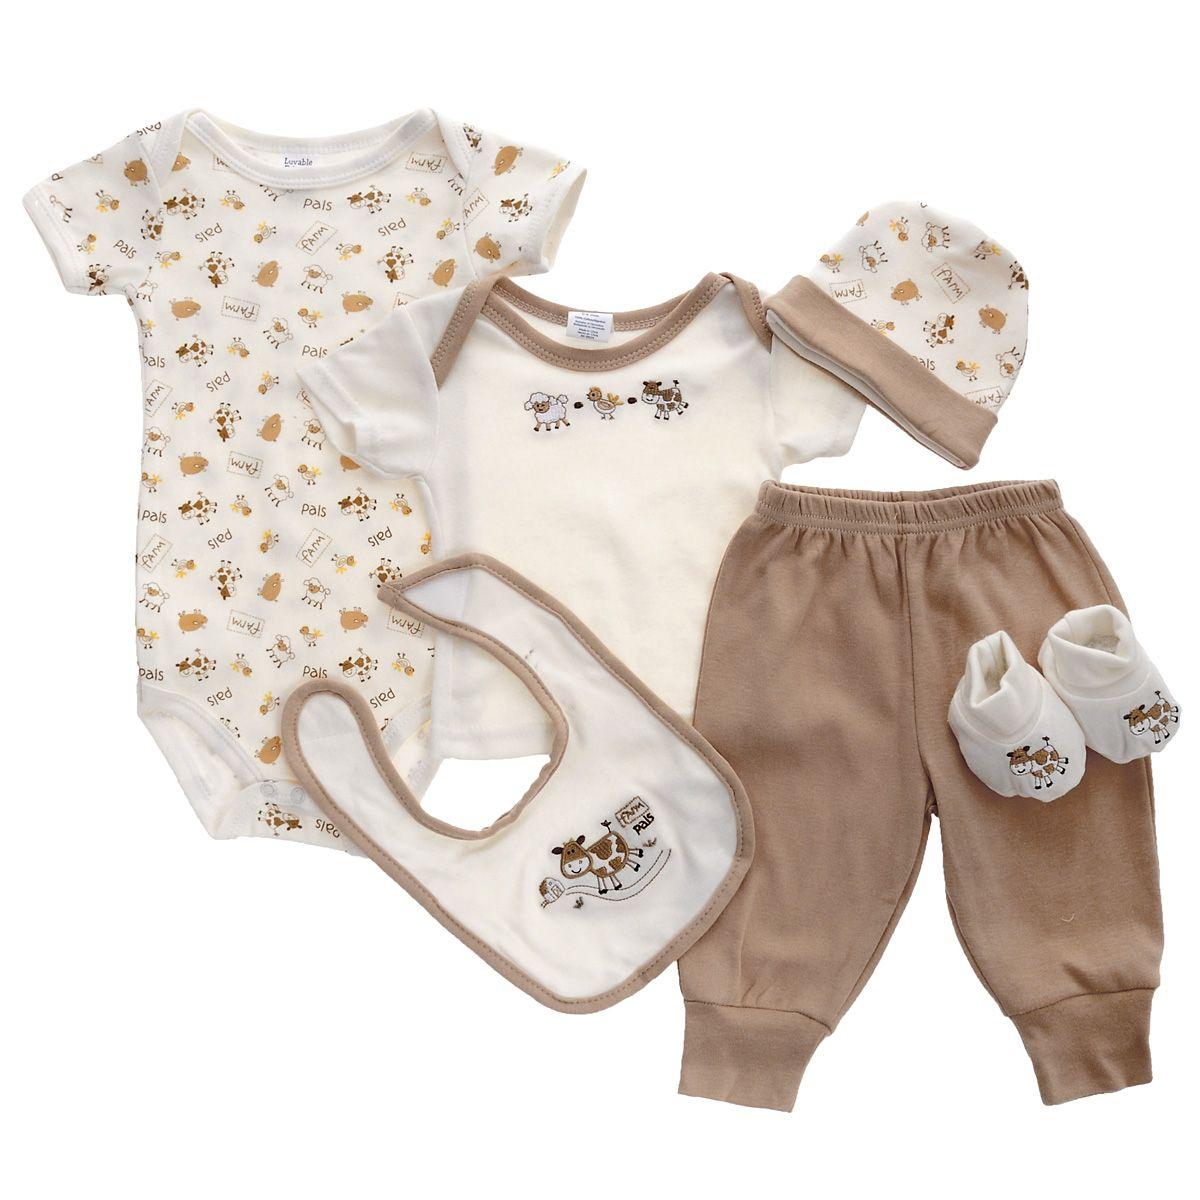 Подарочный комплект для новорожденного 6 пр. Luvable Friends 07026